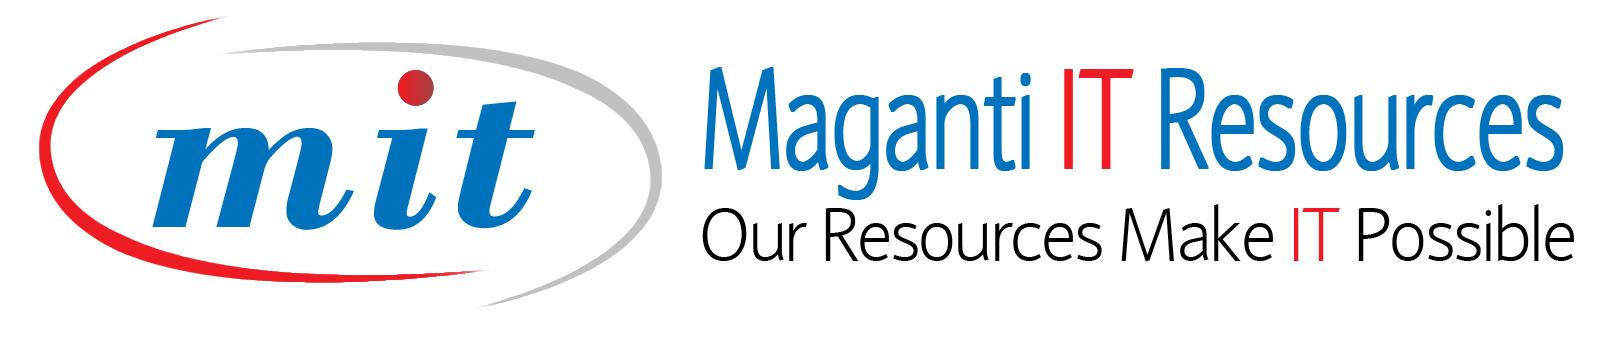 Maganti IT Resources, LLC